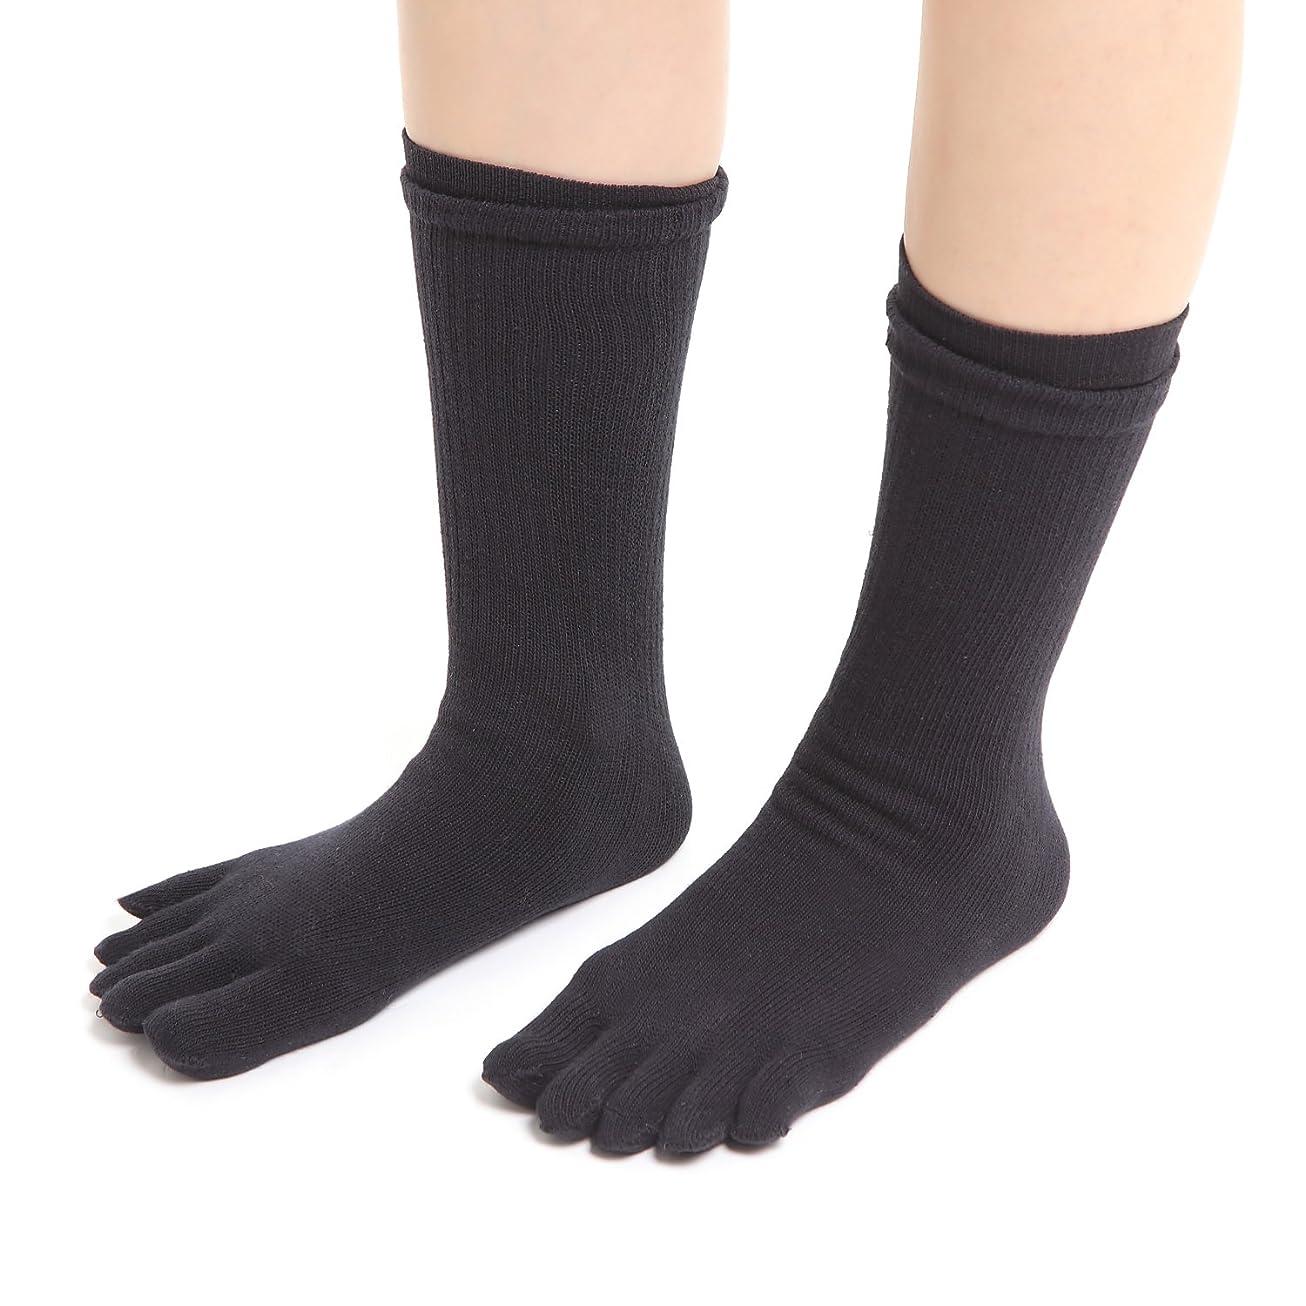 繰り返した直感宇宙のNANA 初心者向け冷えとり靴下 内シルク外コットンソックス 2足セット 5本指ソックス フリーサイズ シルク (黒)